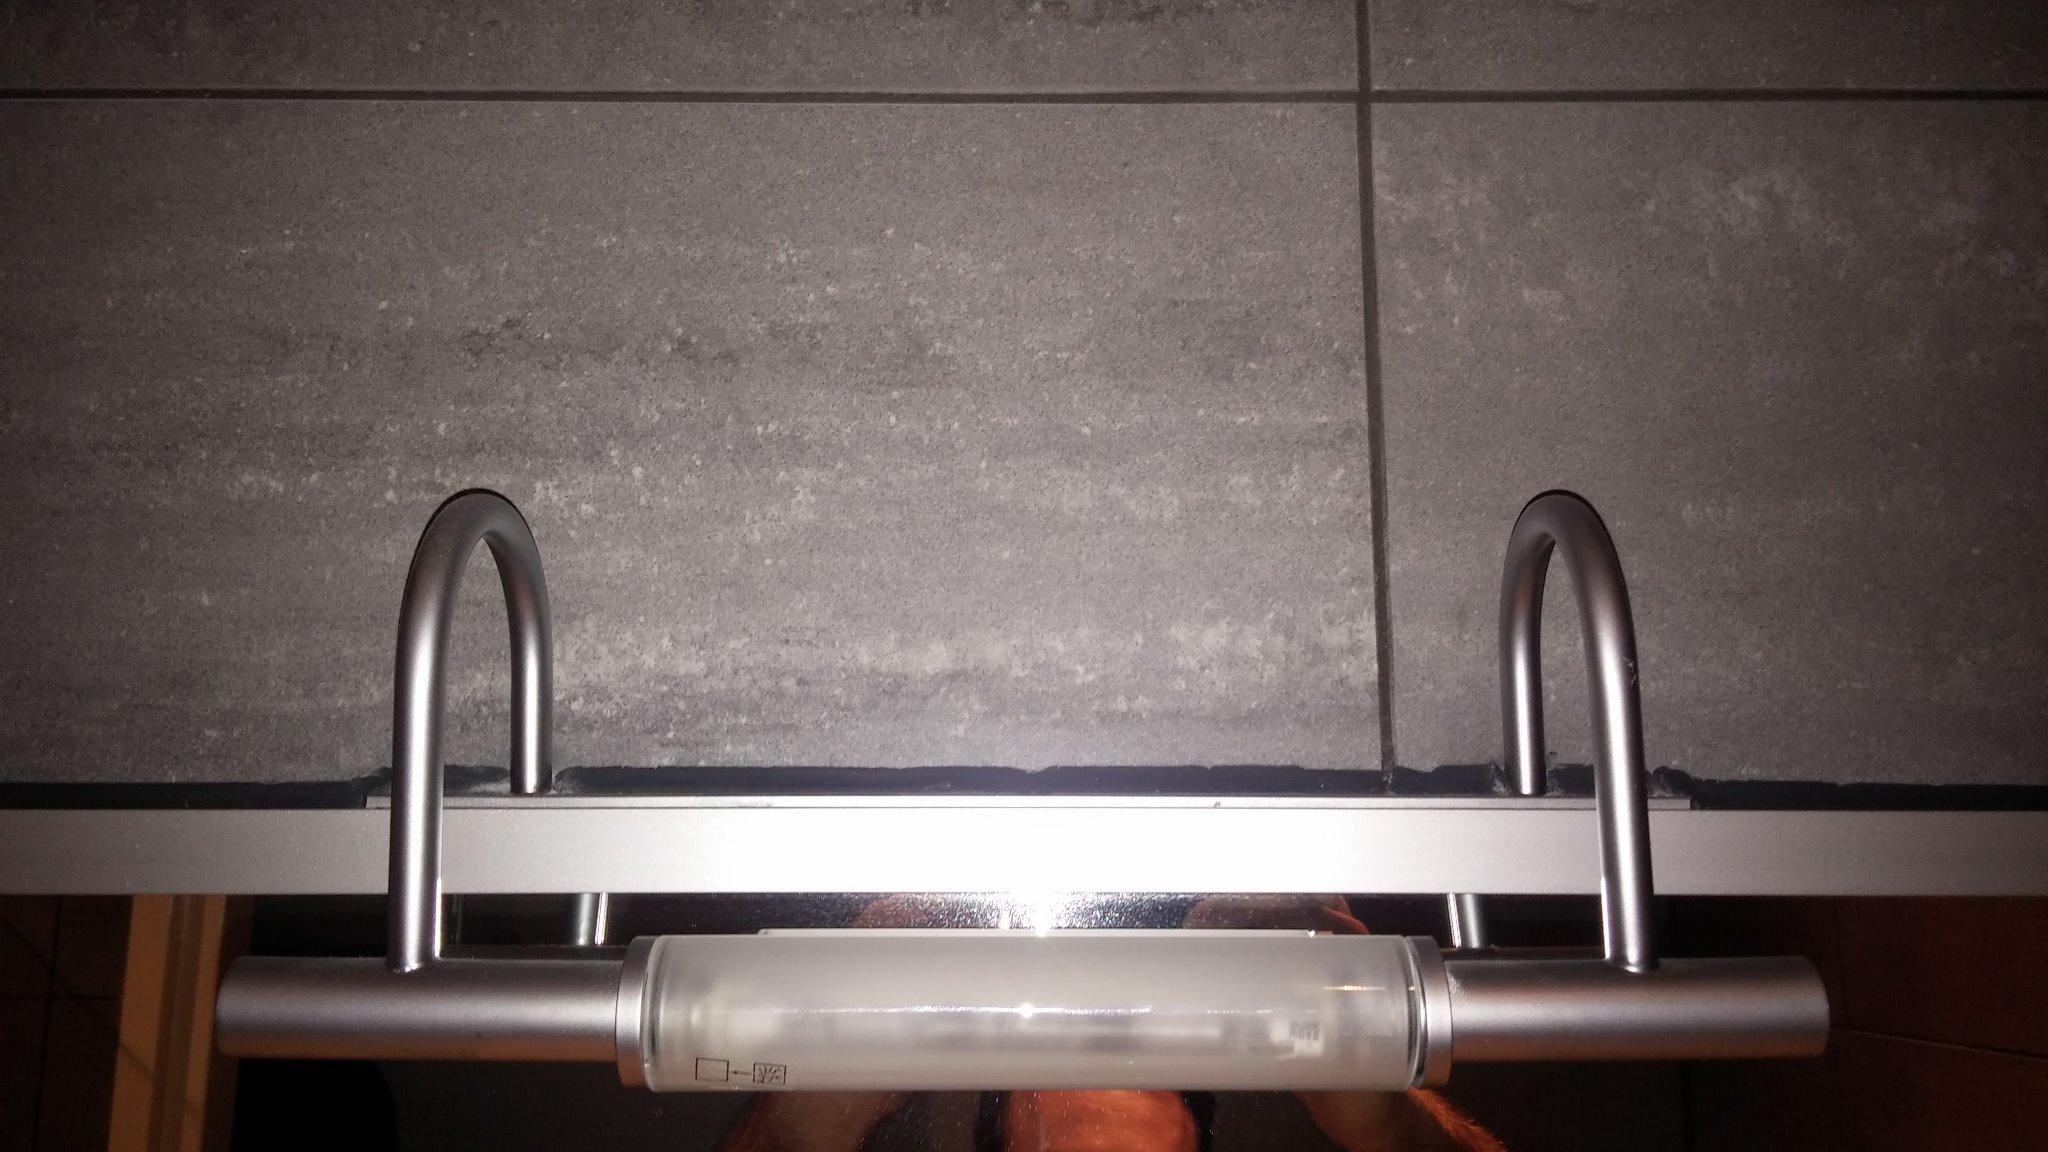 Badkamerlamp Boven Spiegel : Badkamerlamp boven spiegel vervangen lamp boven de spiegel in